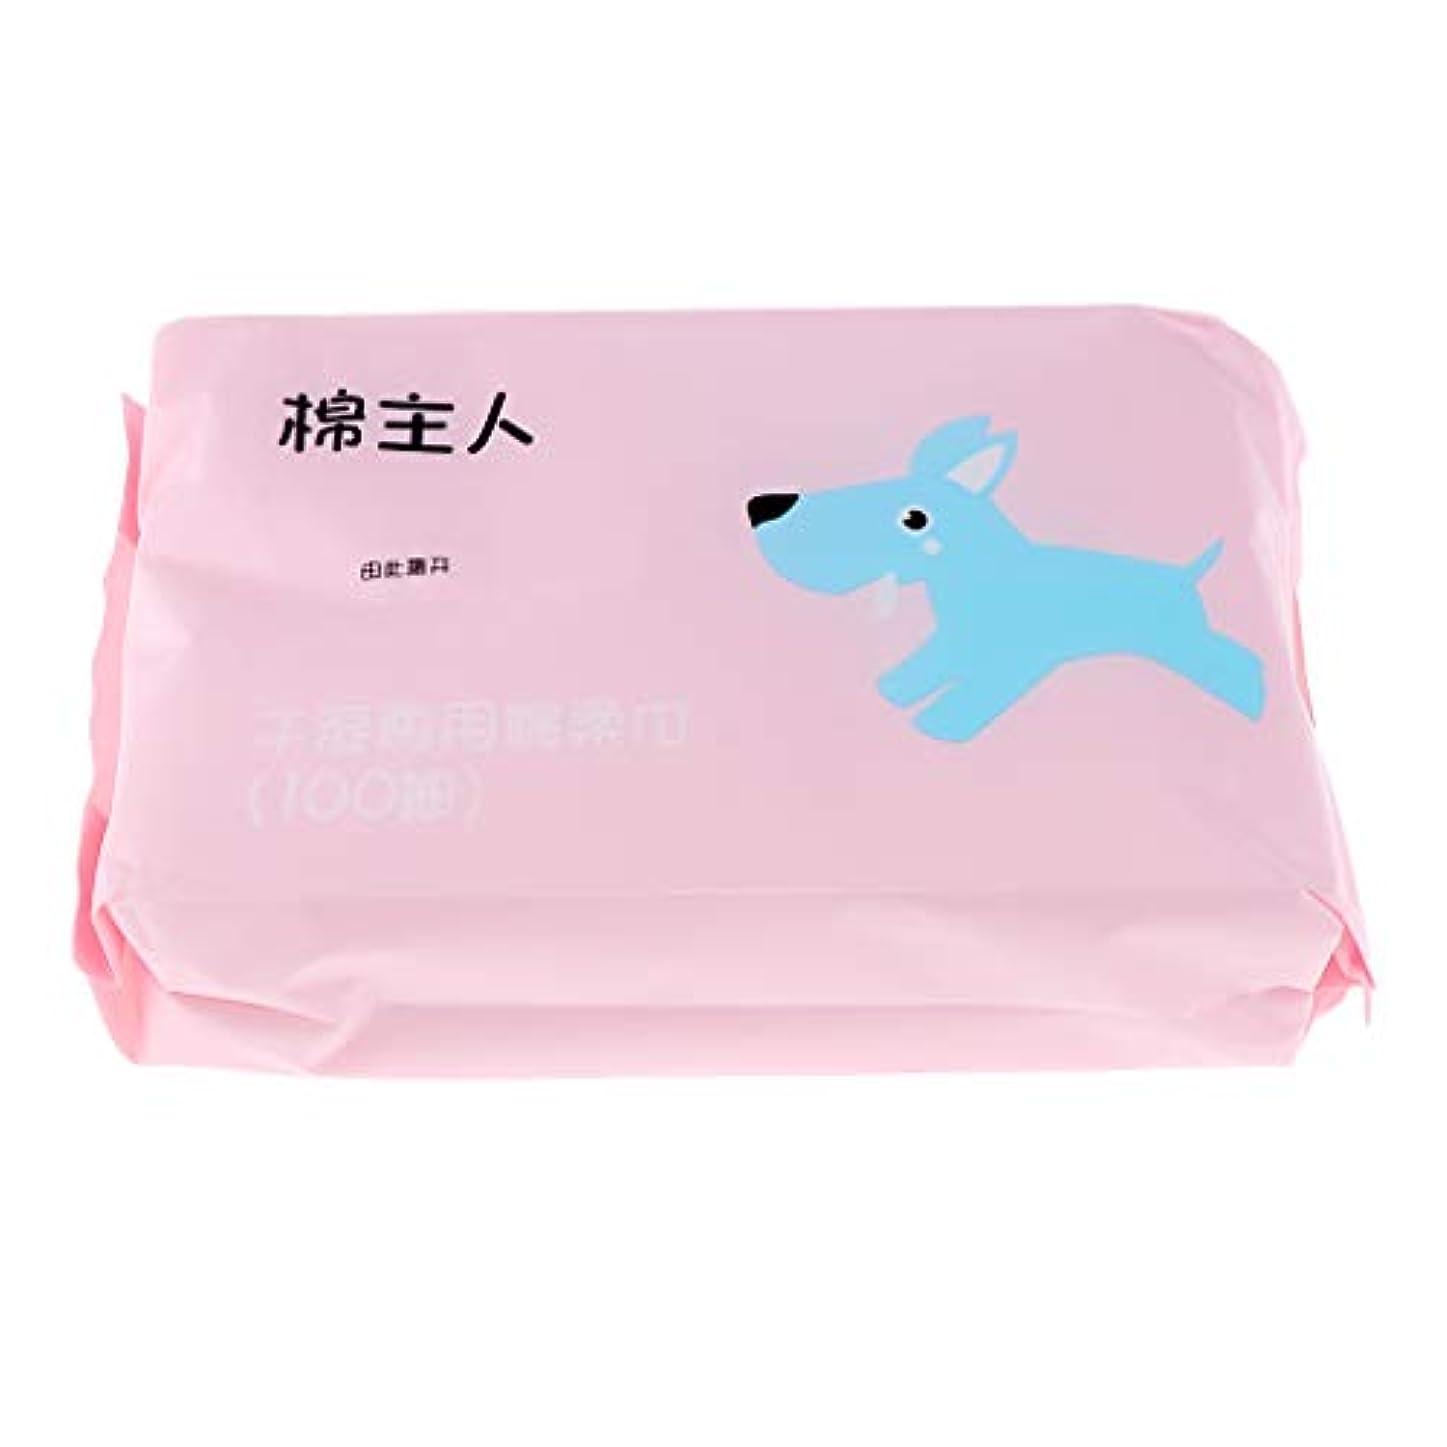 振る舞い治す怖がらせるクレンジングシート メイク落とし 軽量 便利 敏感肌用 非刺激 不織布 フェイスタオル 約100枚 - ピンク